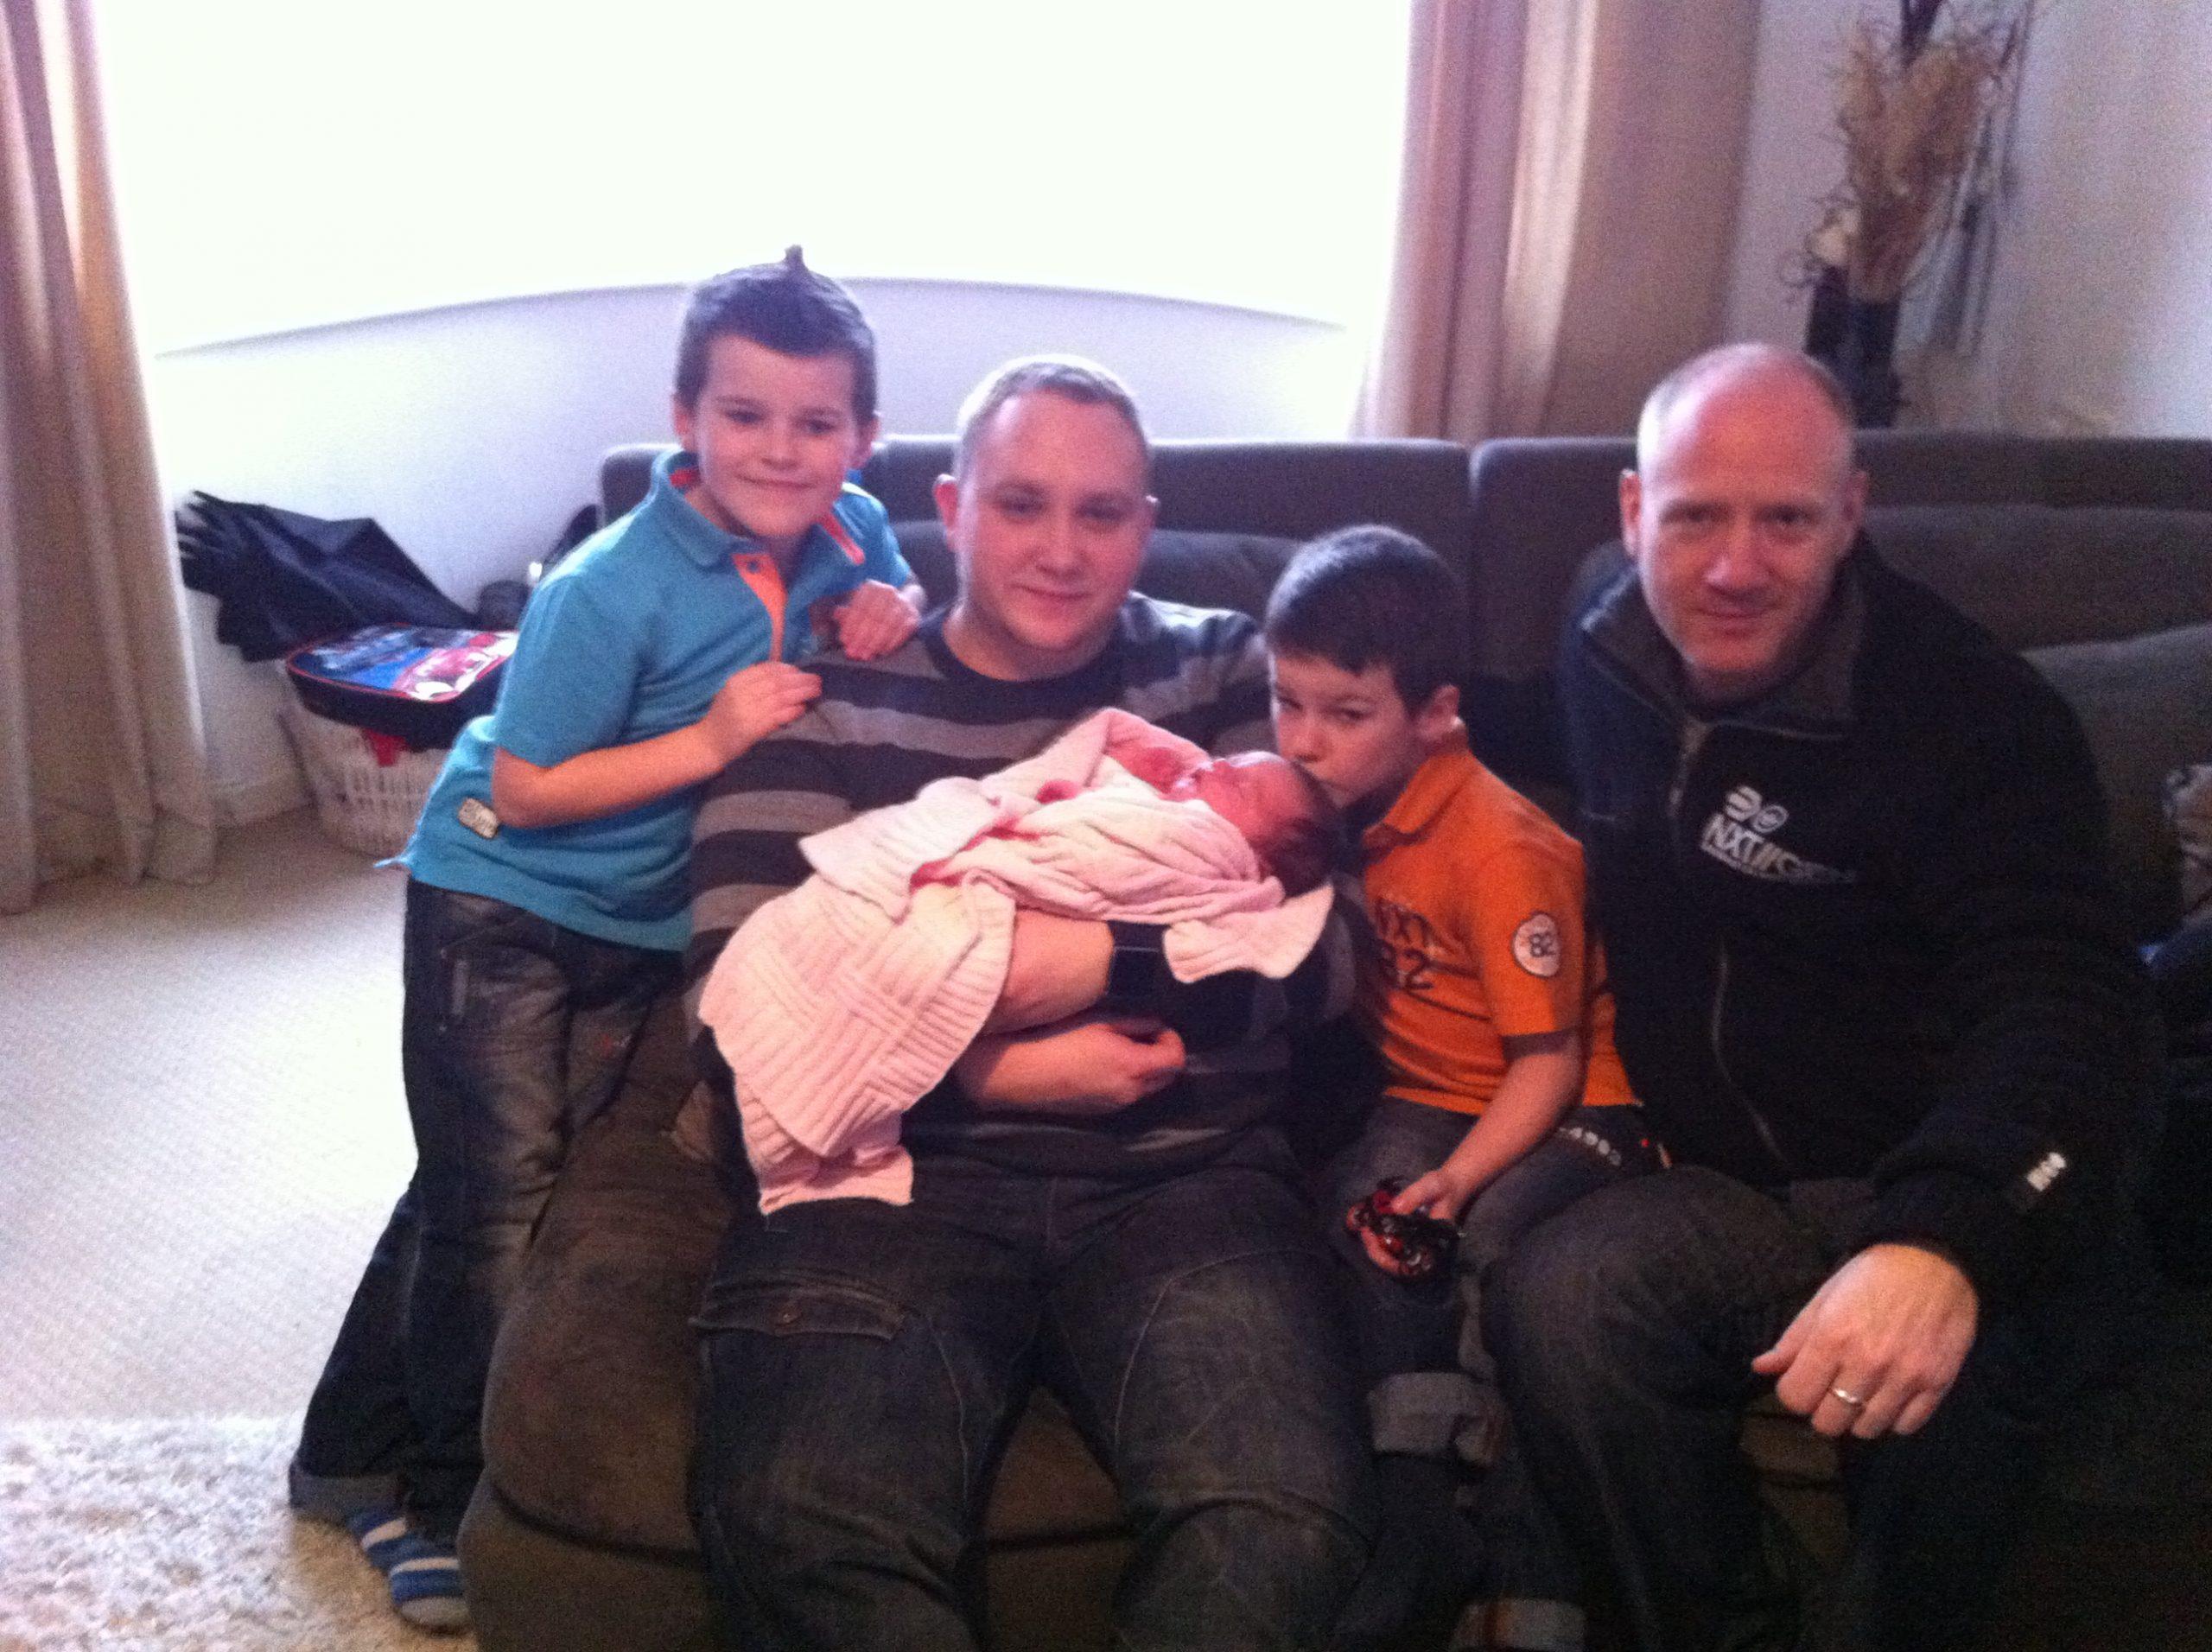 Zak, Jon, Bella, Dan and Scott